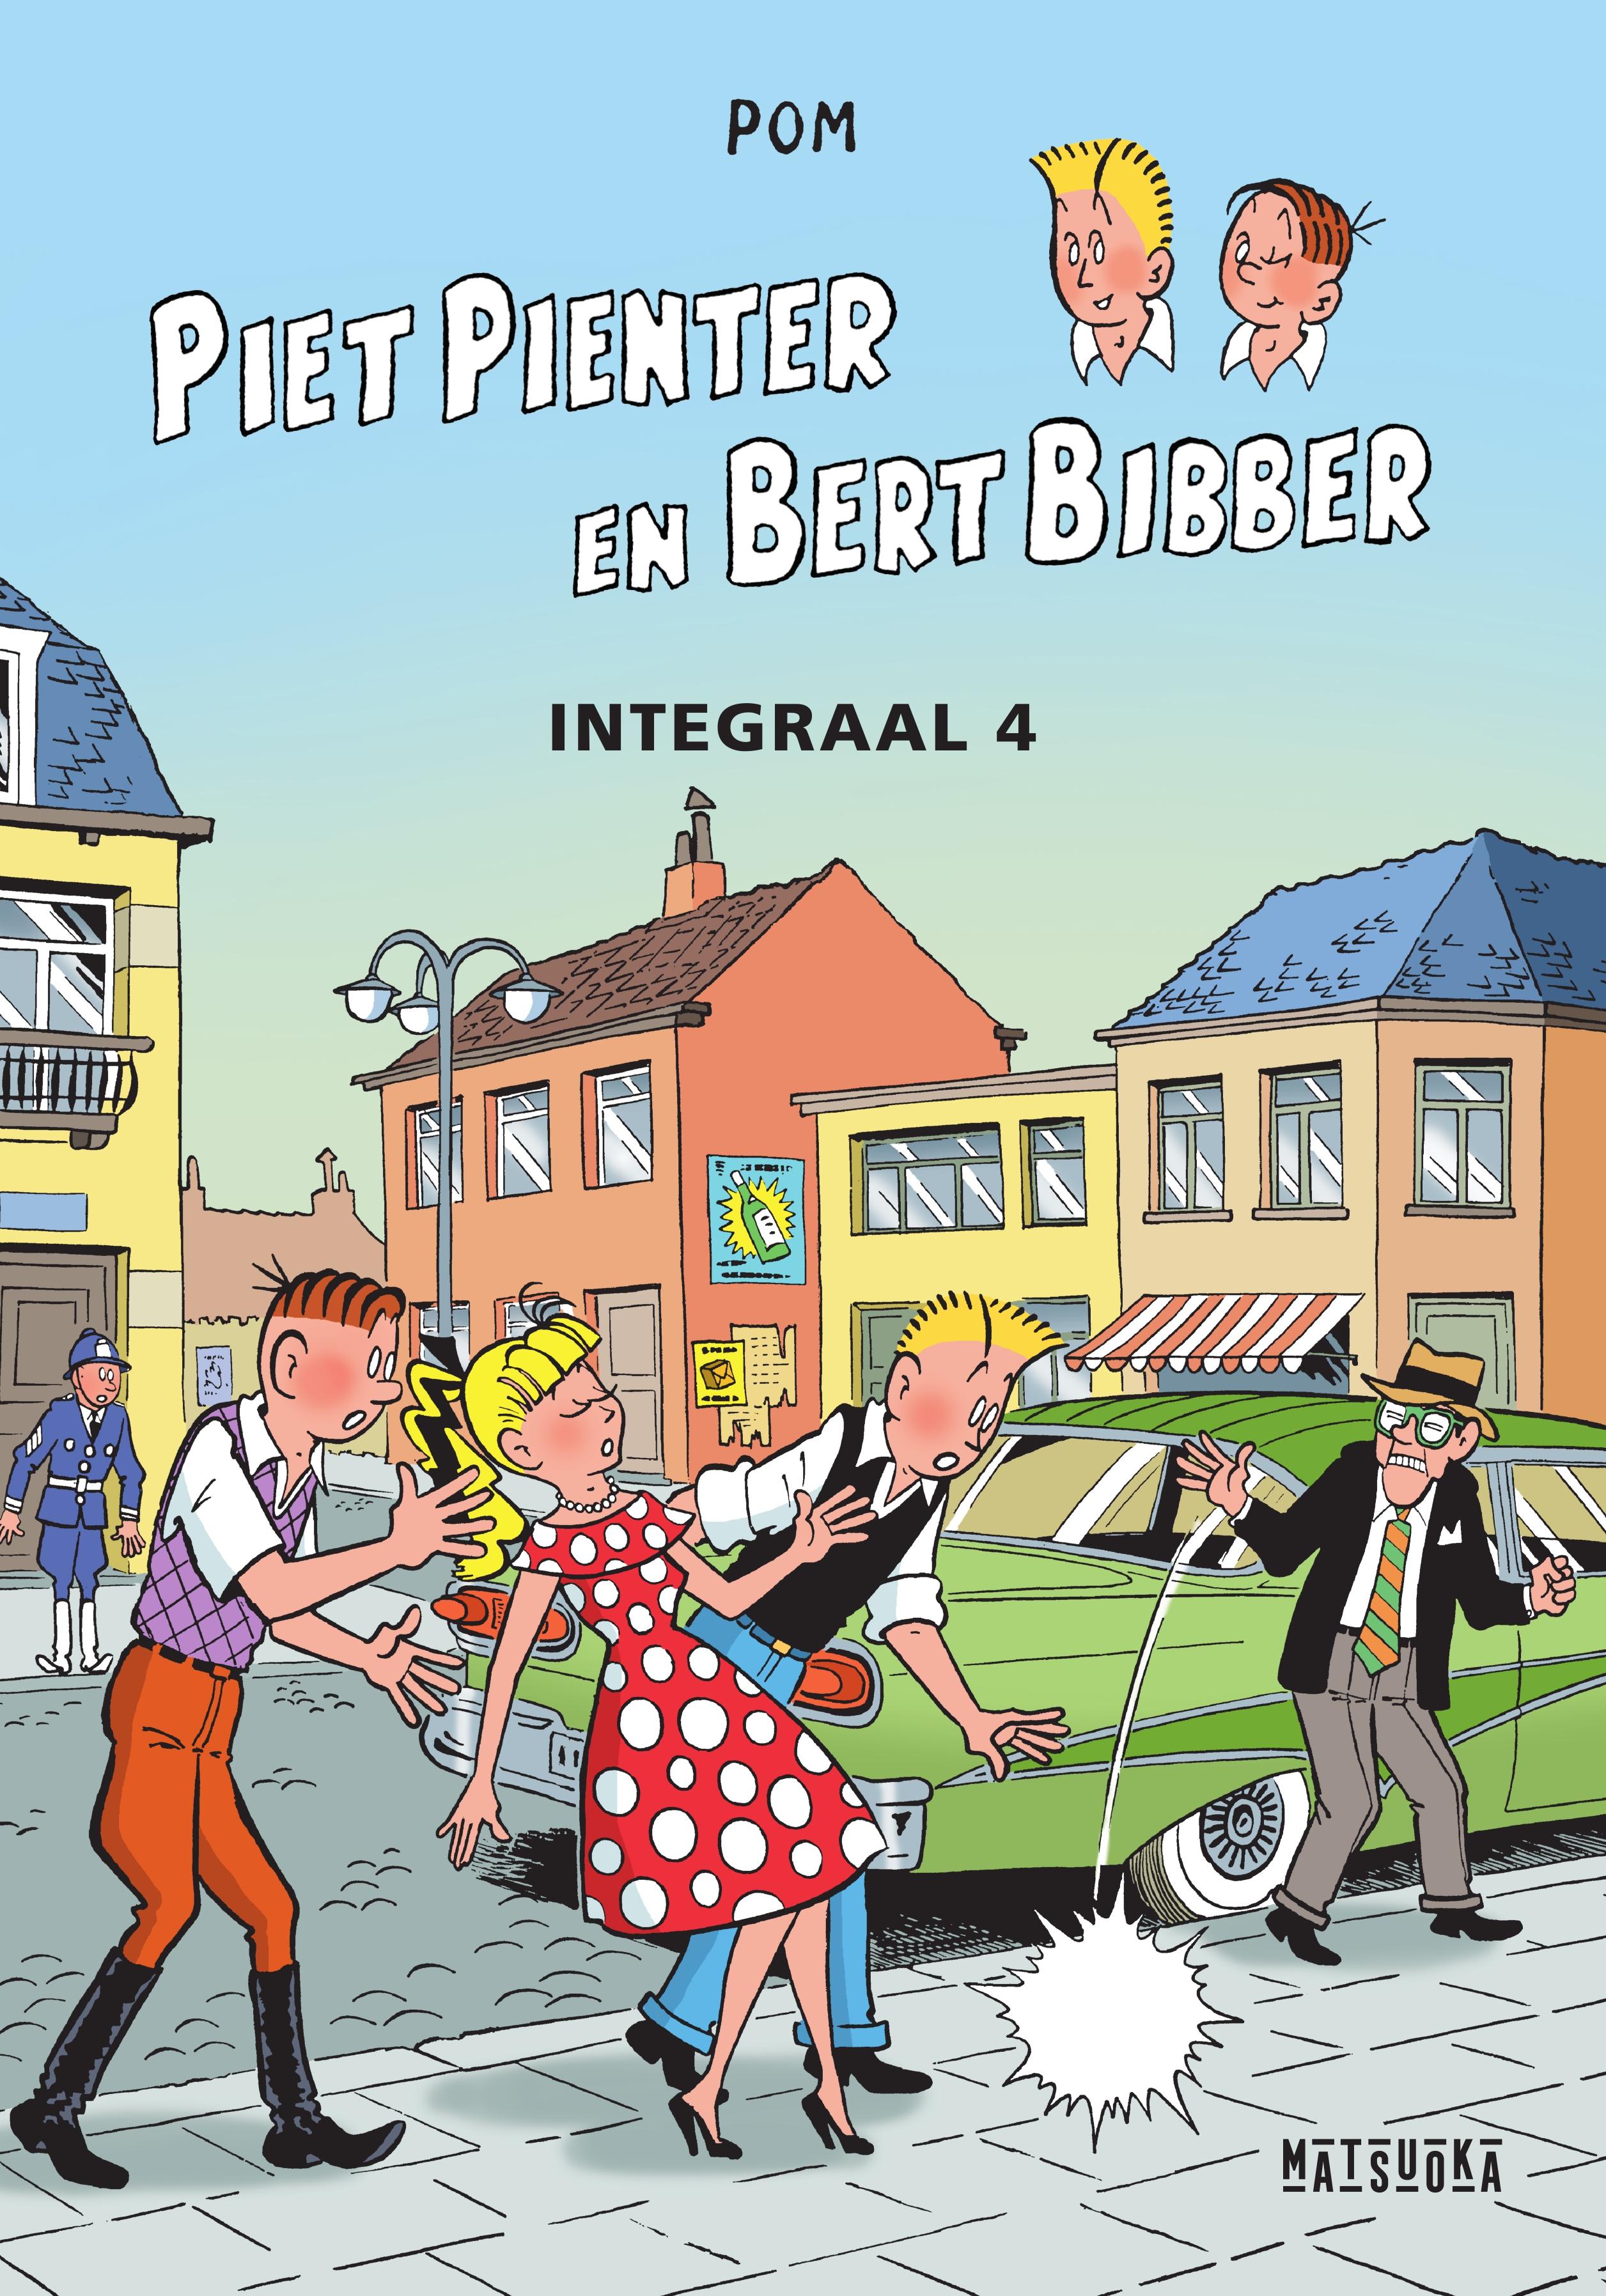 04 Piet Pienter en Bert Bibber Integrale 4